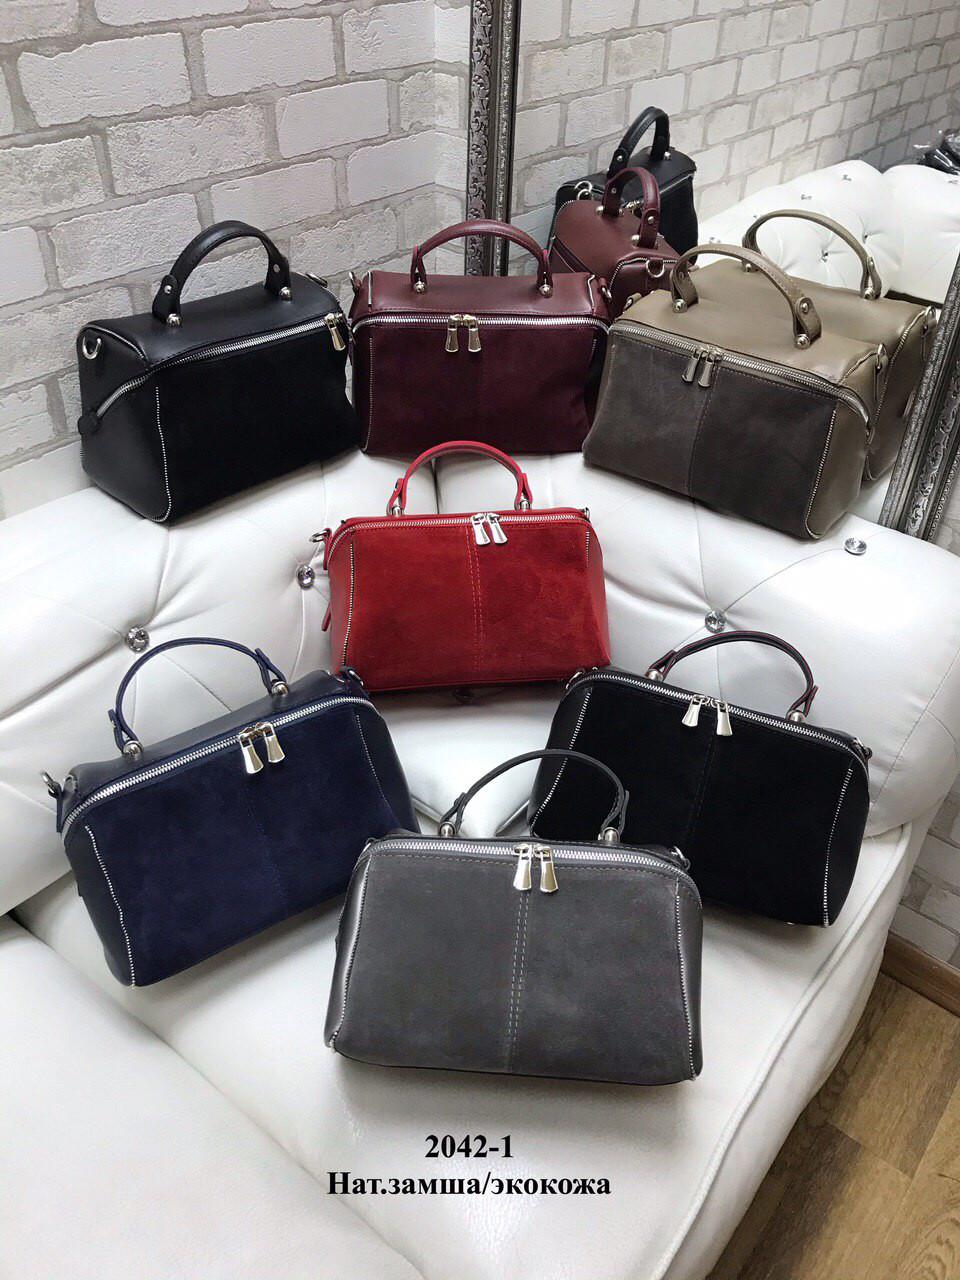 Жіноча сумочка комбінована нат.замша/кожзам 2042-1 без бренду